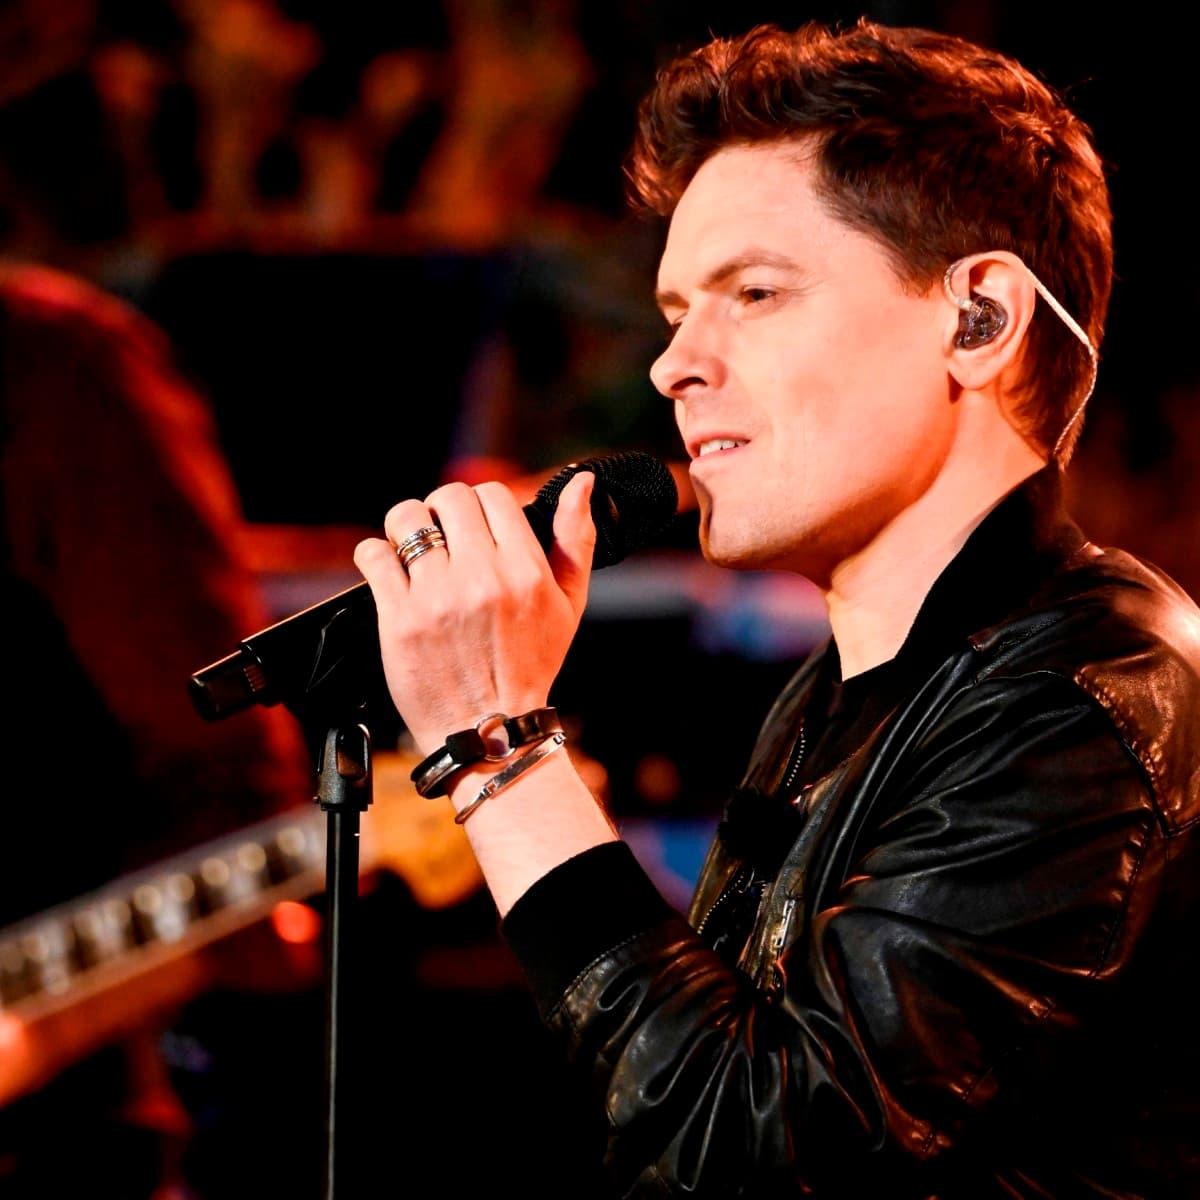 Sing meinen Song - Das Tauschkonzert 2019 Einschaltquoten, Zuschauerzahlen